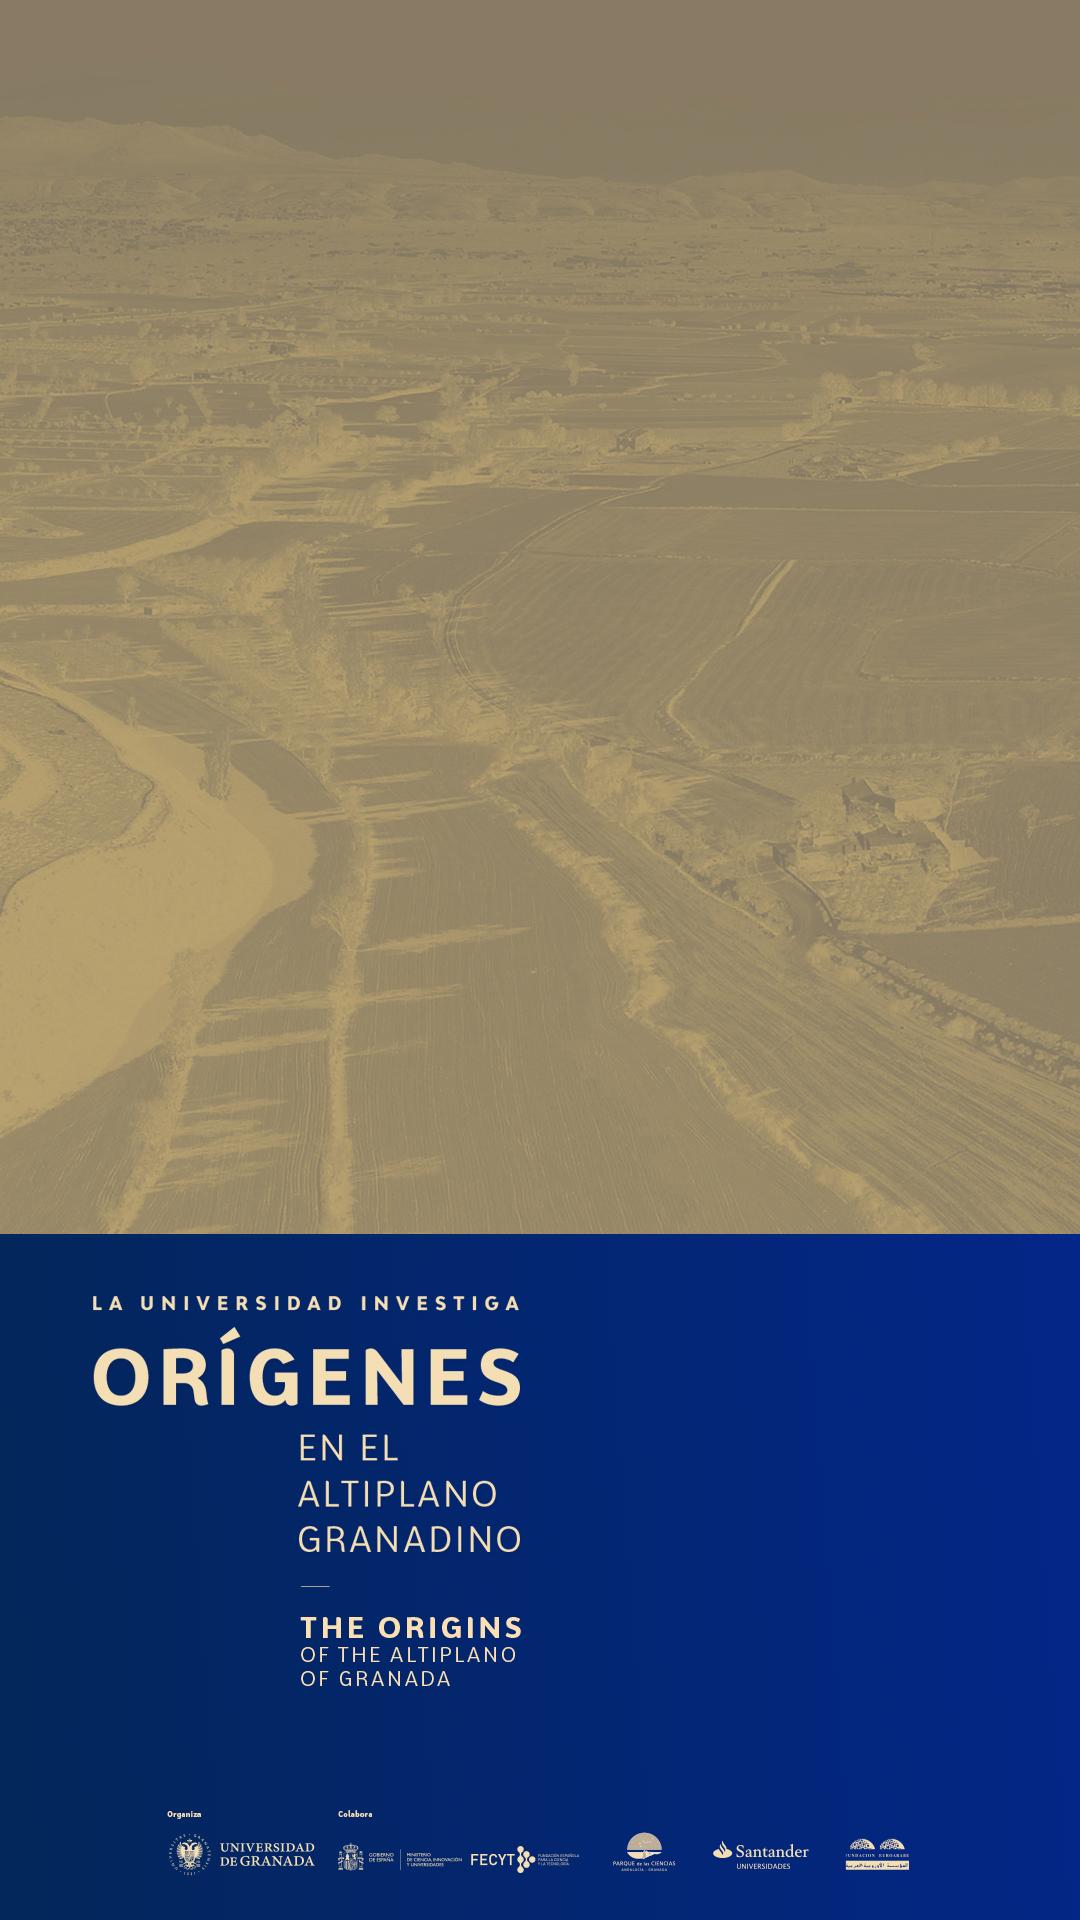 Imagen de portada de La Universidad Investiga: Orígenes en el Altiplano Granadino